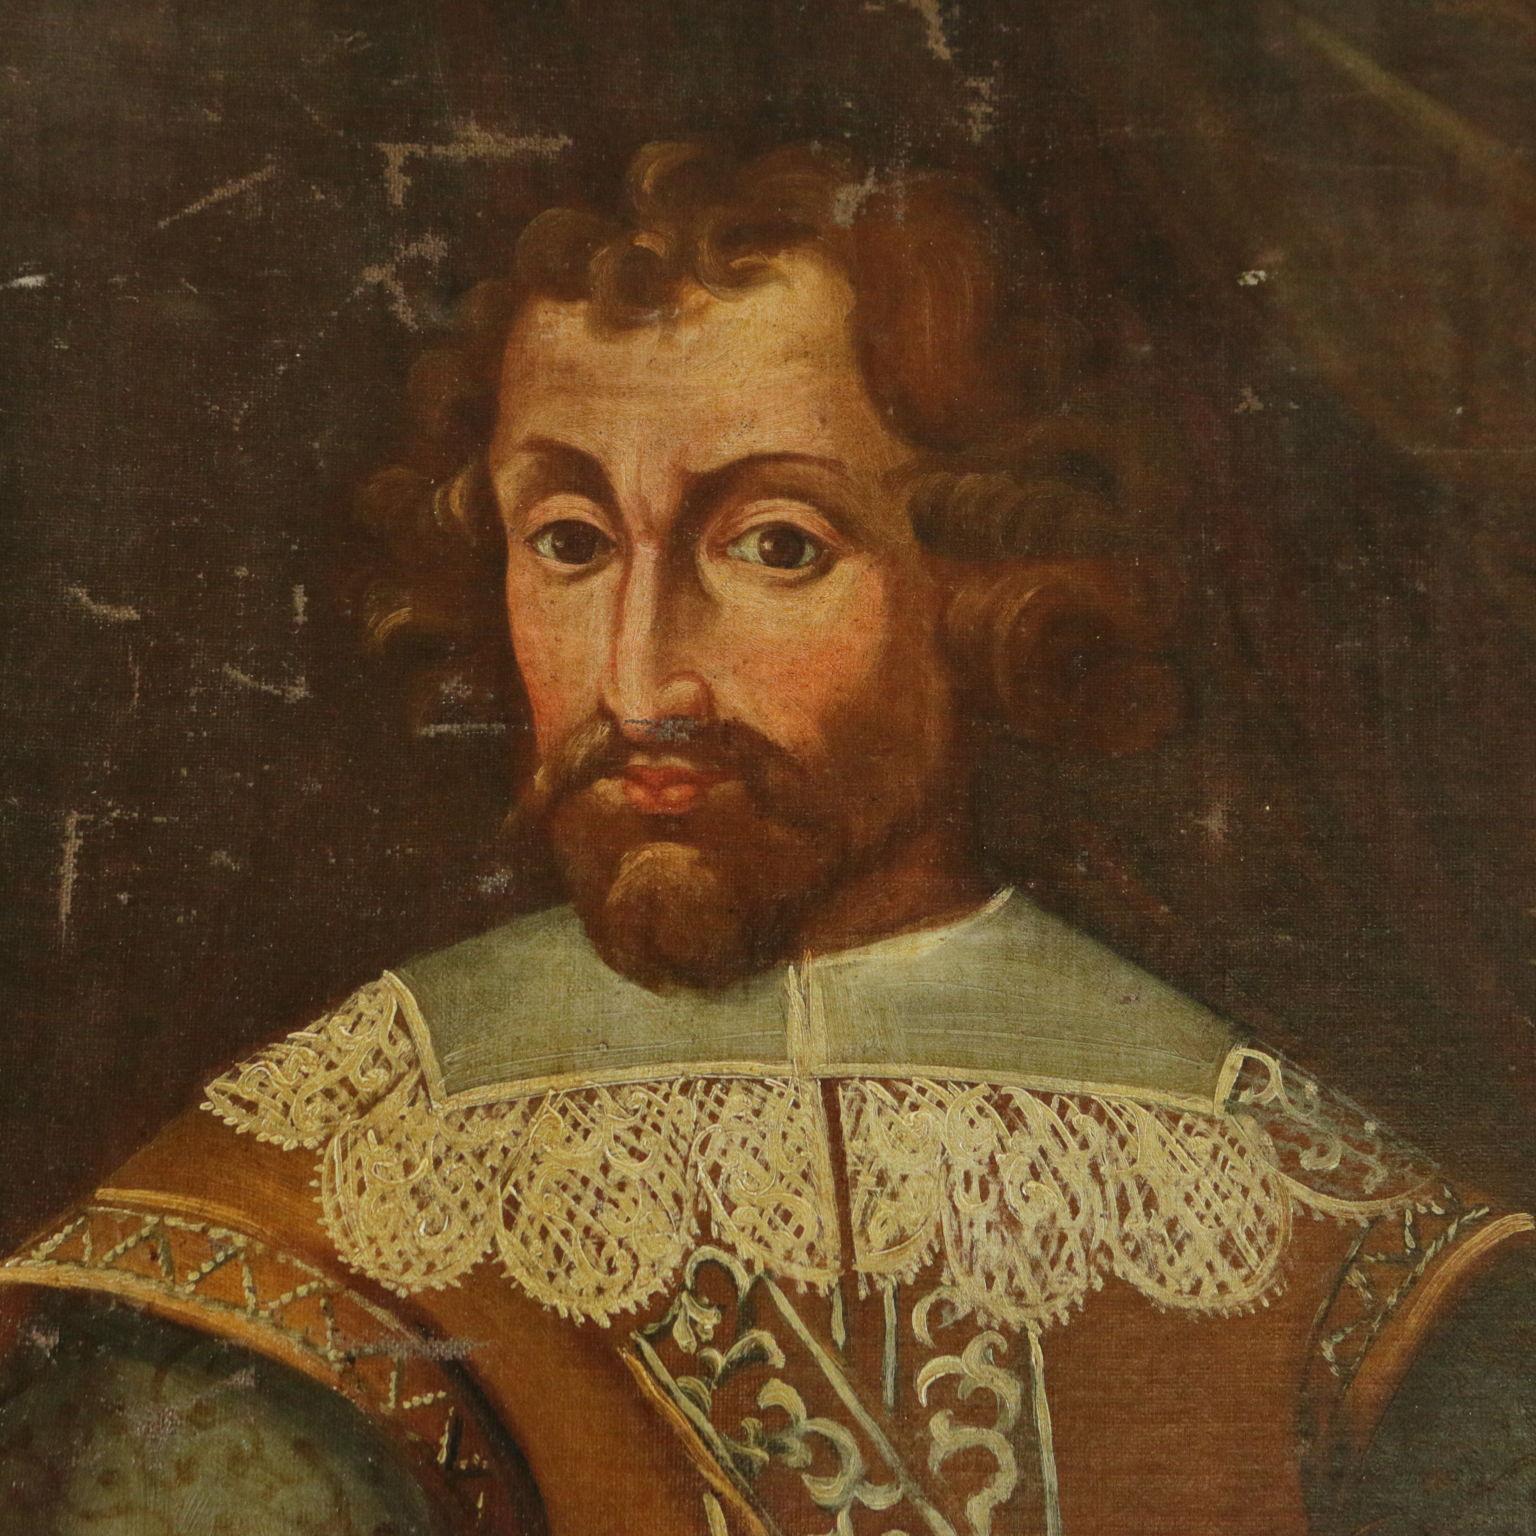 Ritratto di cavaliere pittura antica arte - Pittura particolare ...